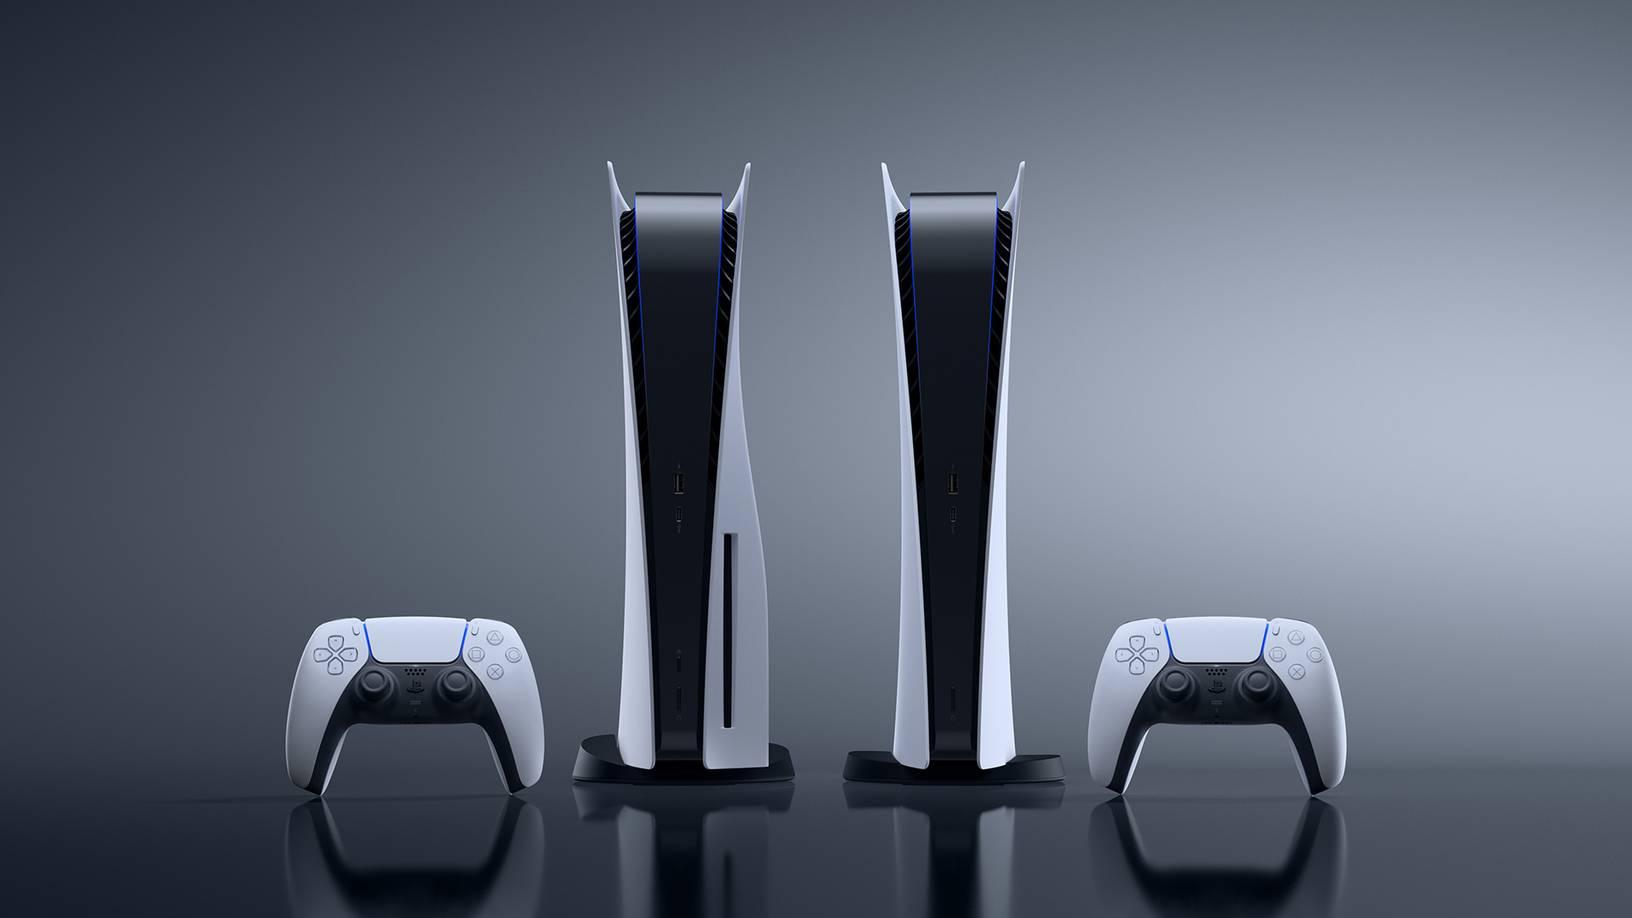 PS5 10 million sales